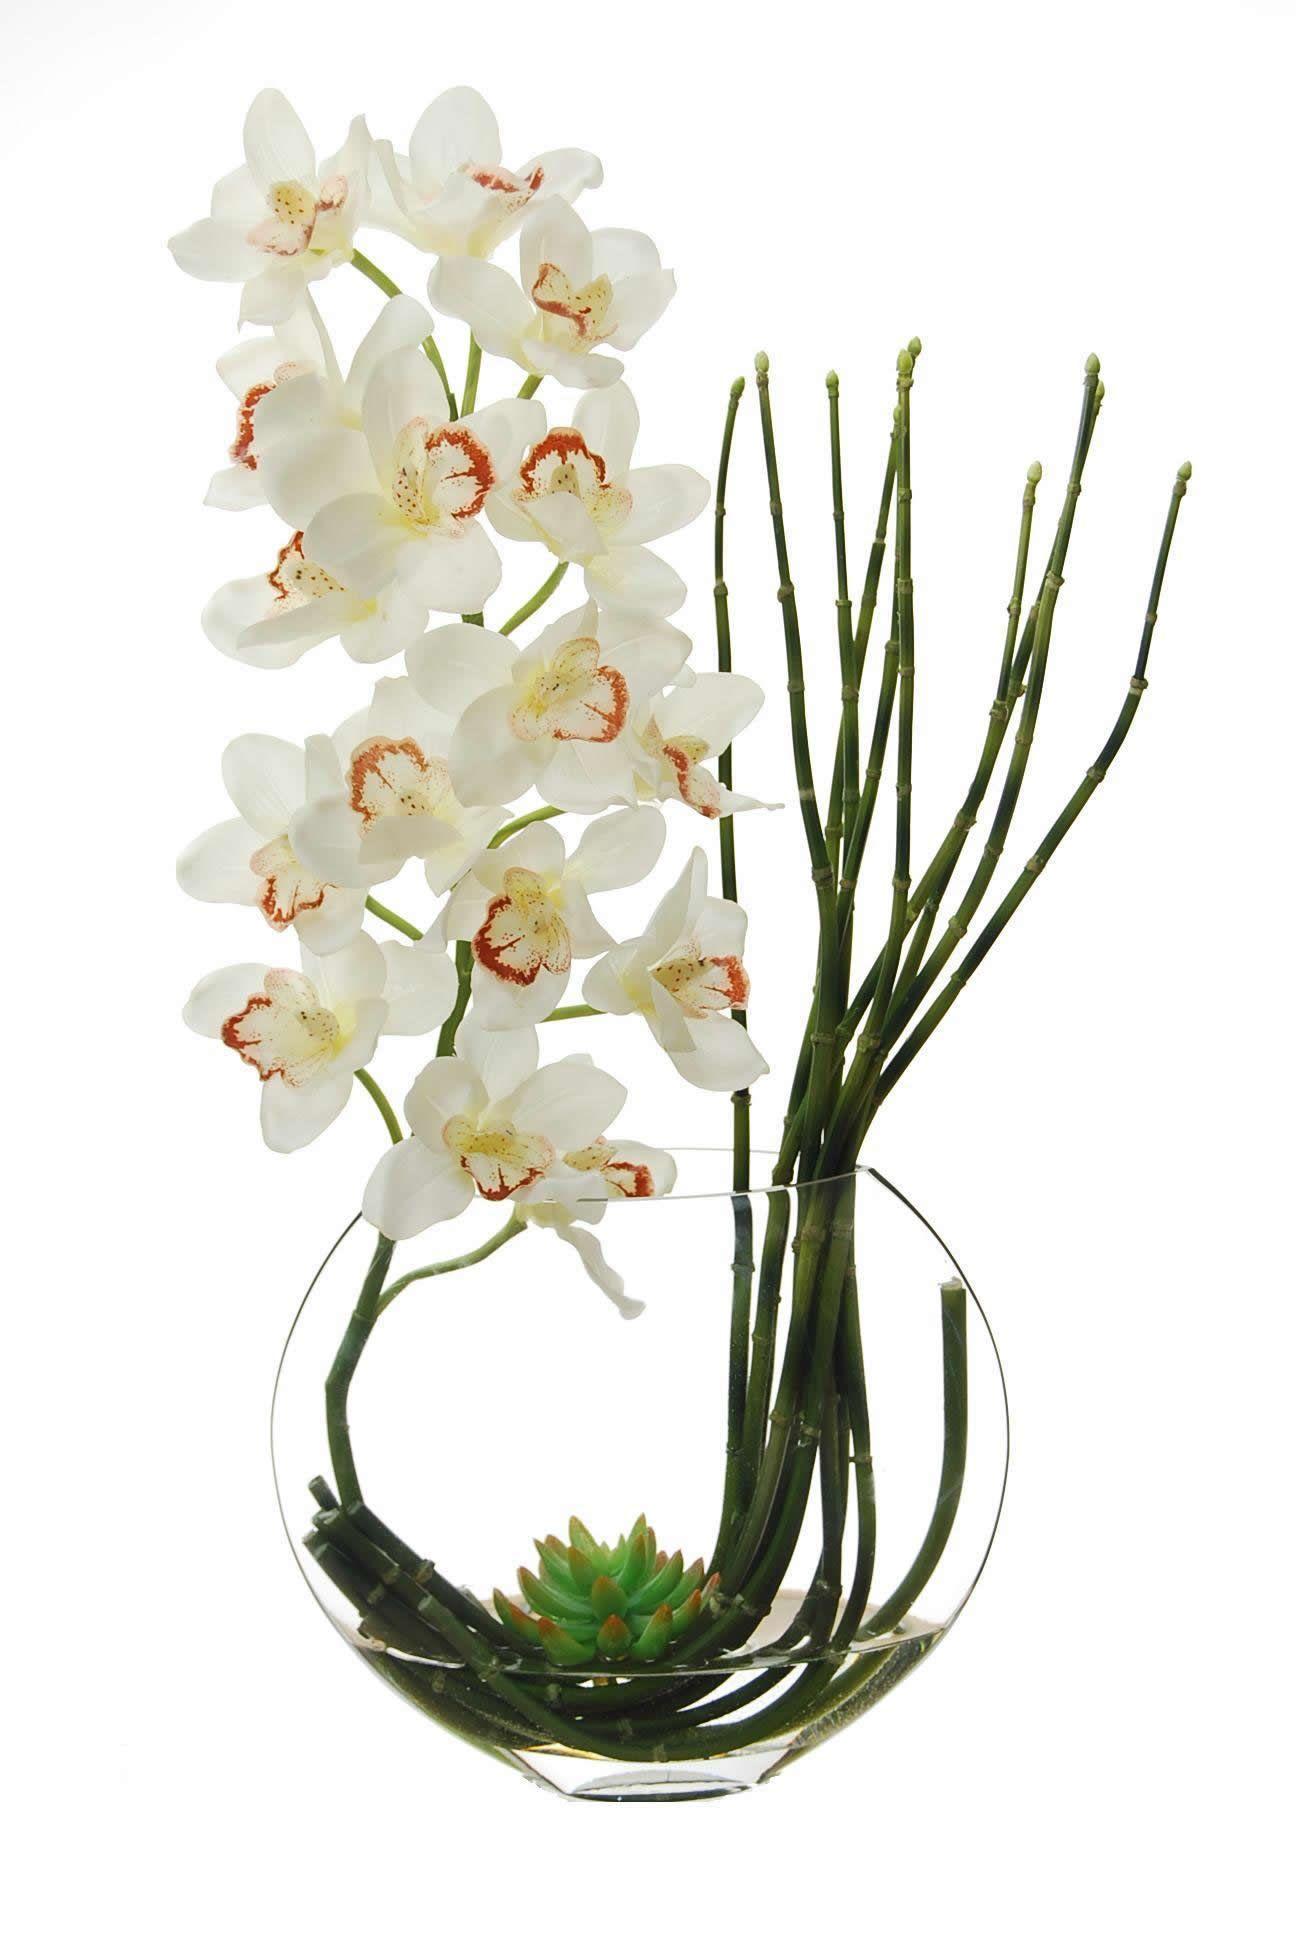 Nueva Gama Articulos Decoracion Huerto Orquídeas